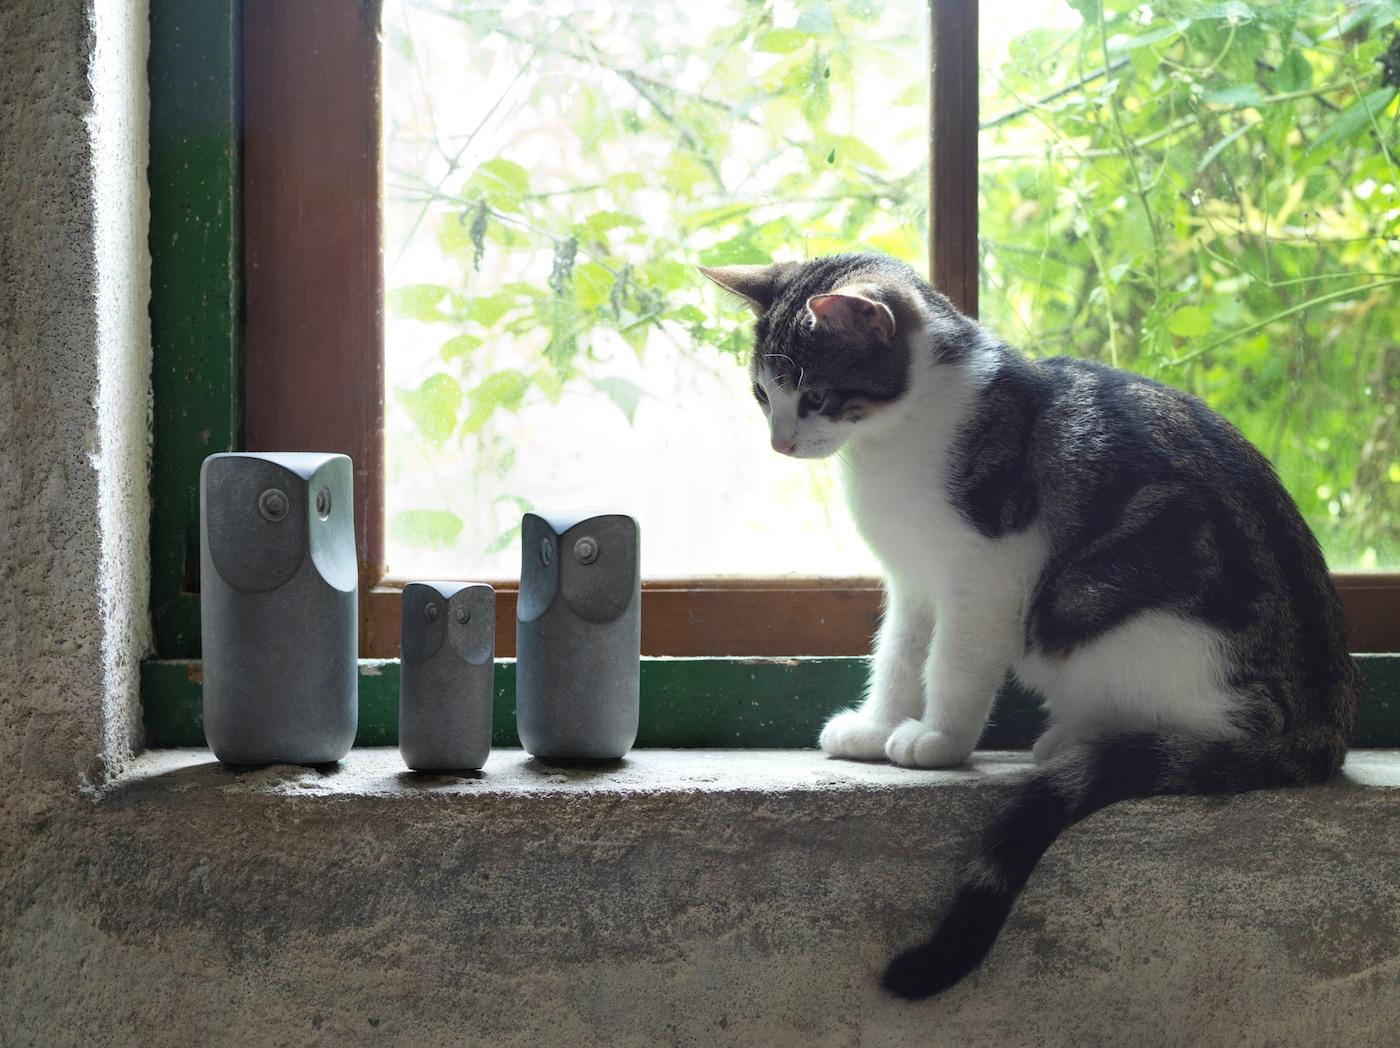 En lille hvid og grå kat sidder i en vindueskarm og kigger på 3 grå TONAD dekorative ugler af beton.